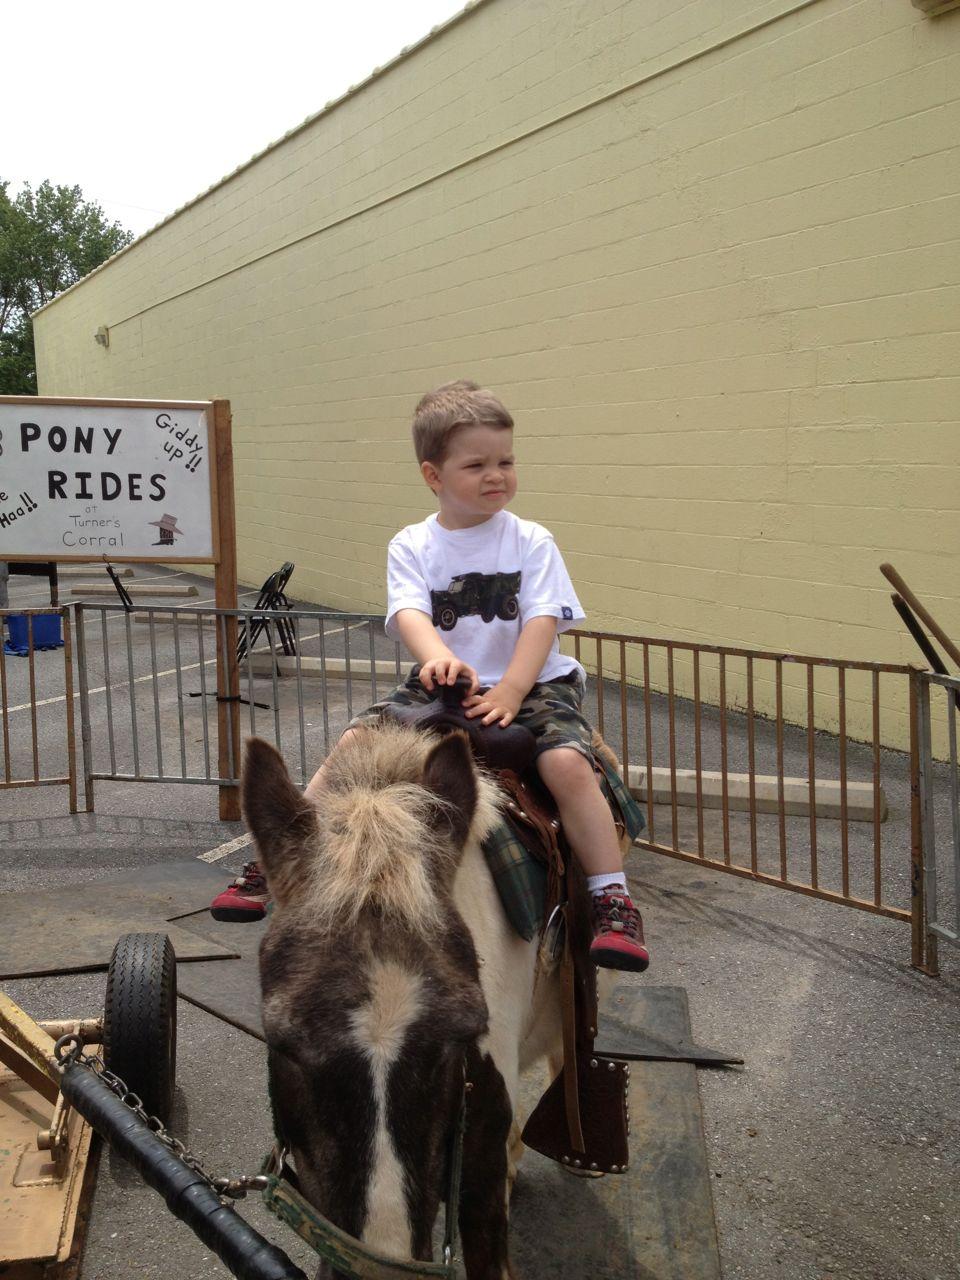 Alex rides a pony